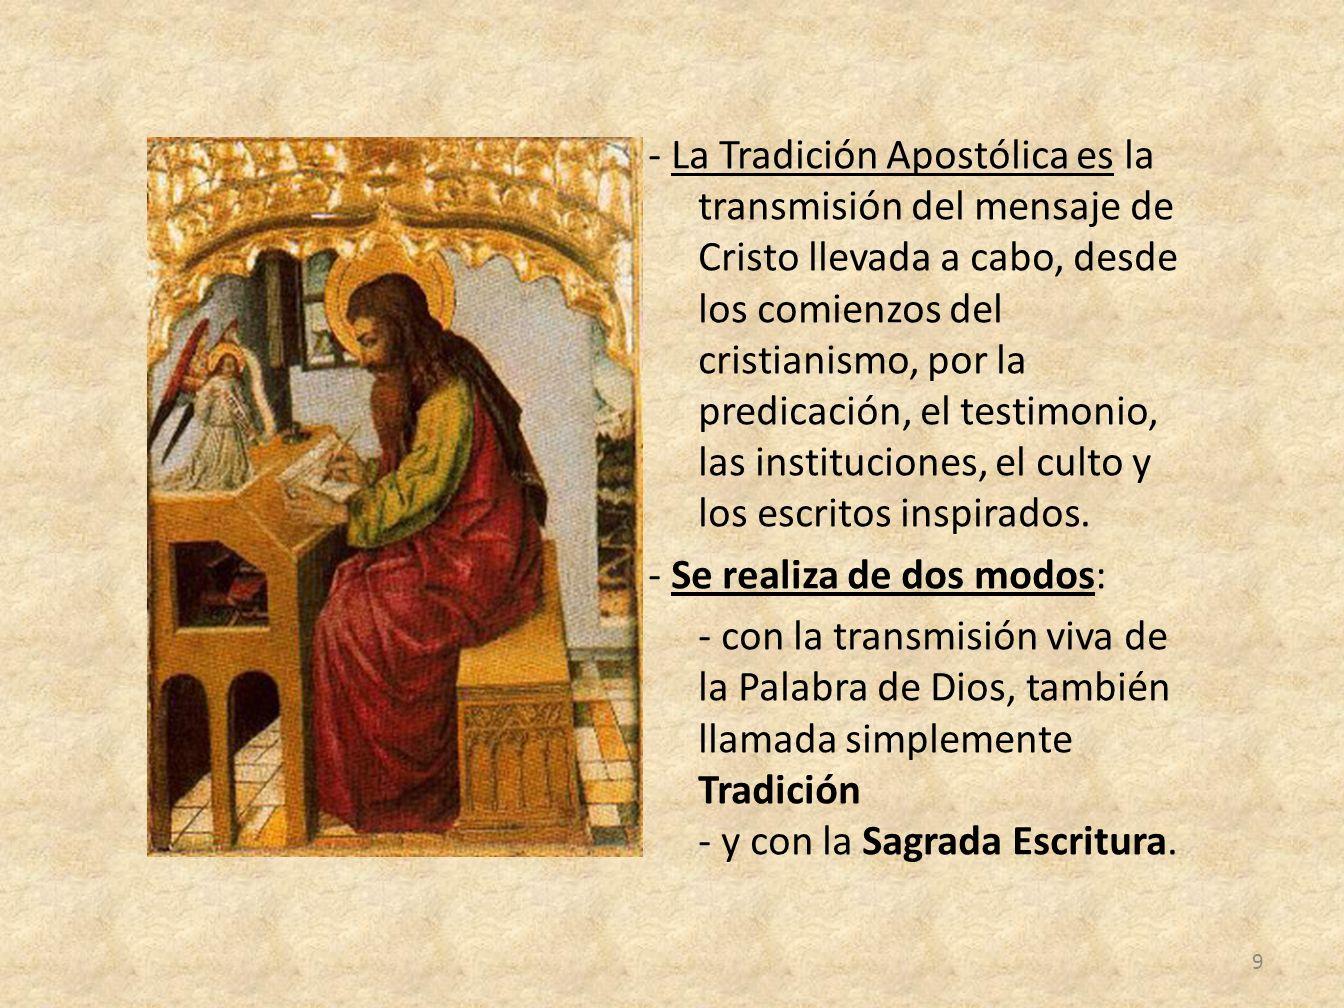 - SSEE y Trad.constituyen un solo sagrado depósito de la fe y están íntimamente unidas y entre sí.